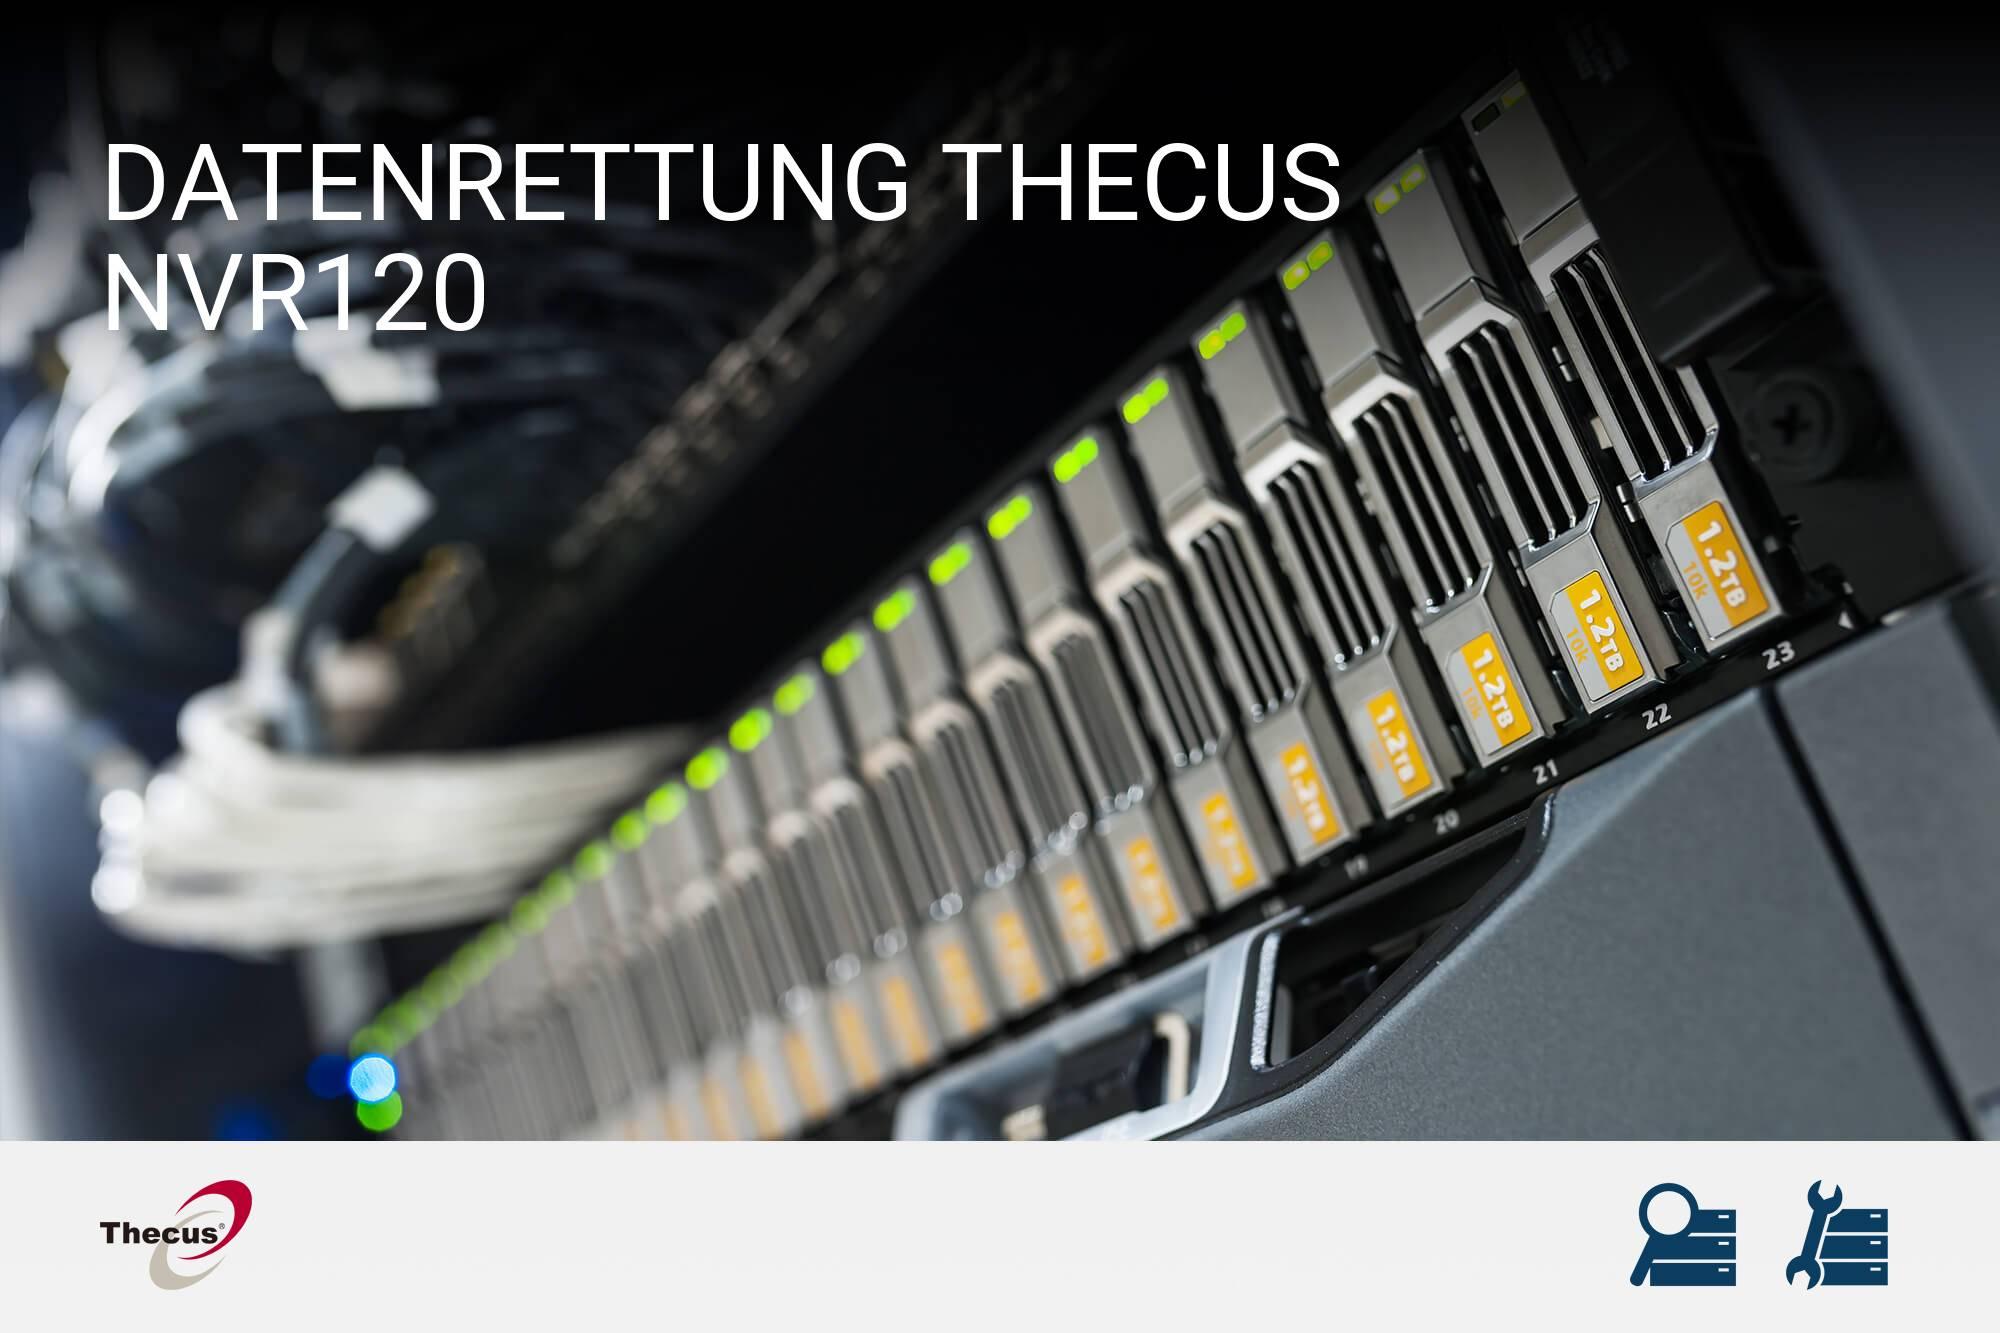 Thecus NVR120